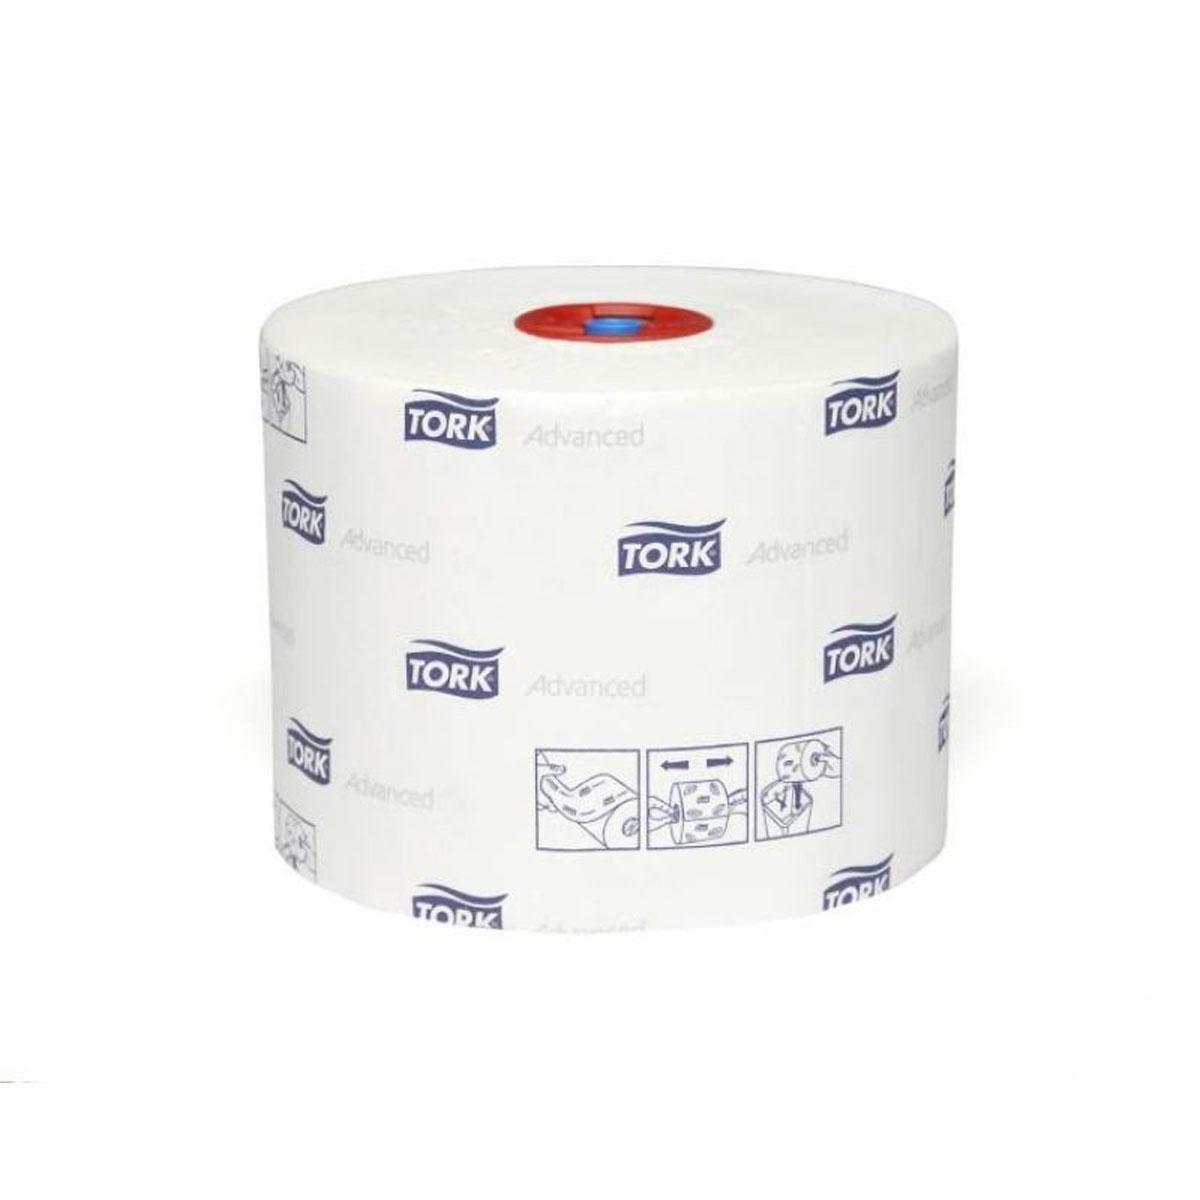 Tork туалетная бумага Mid-size в миди рулонах 2-сл. 100м, коробка 27 шт127530Целлюлоза